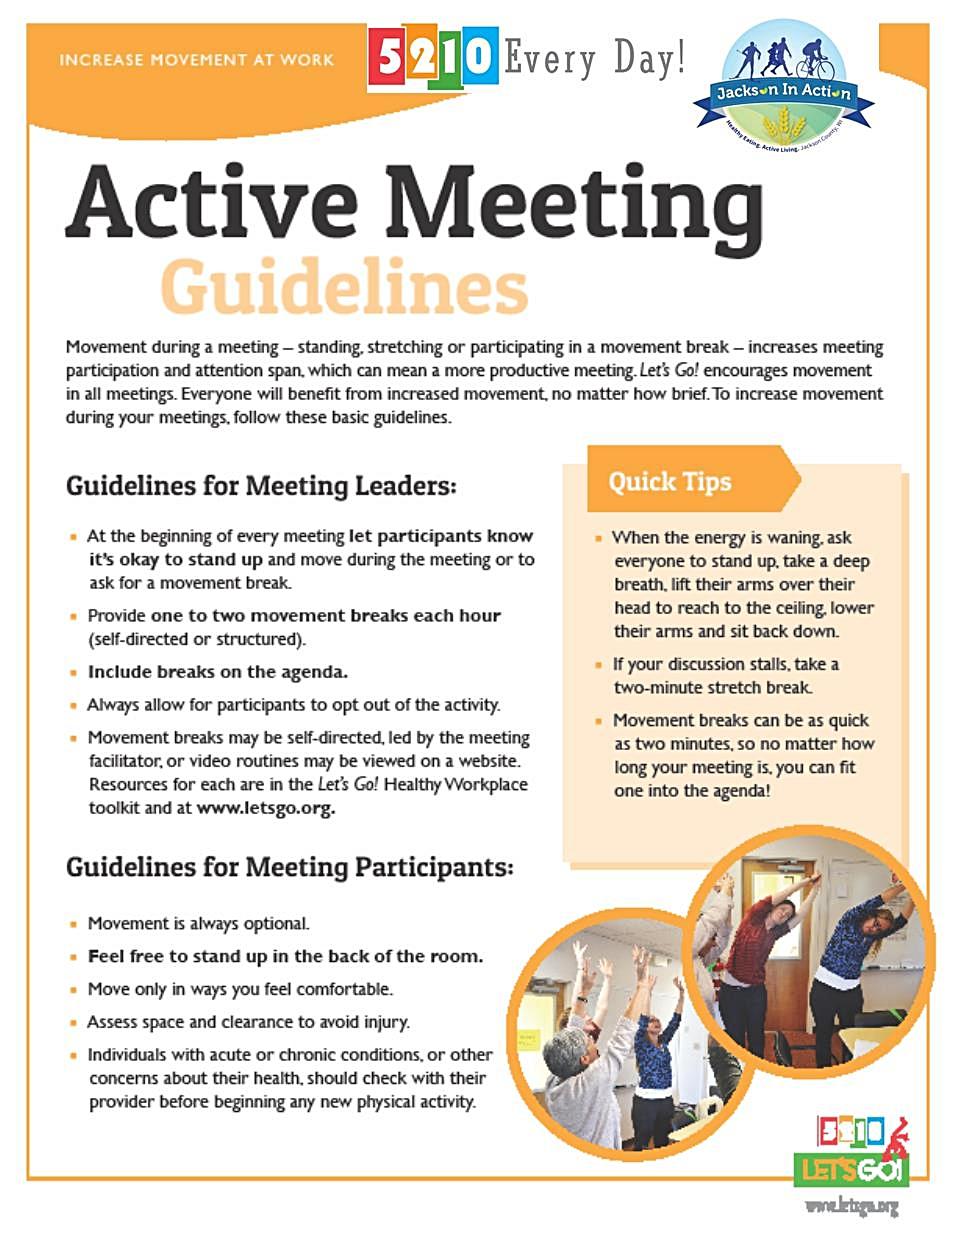 Active Meeting Guidelines.jpg